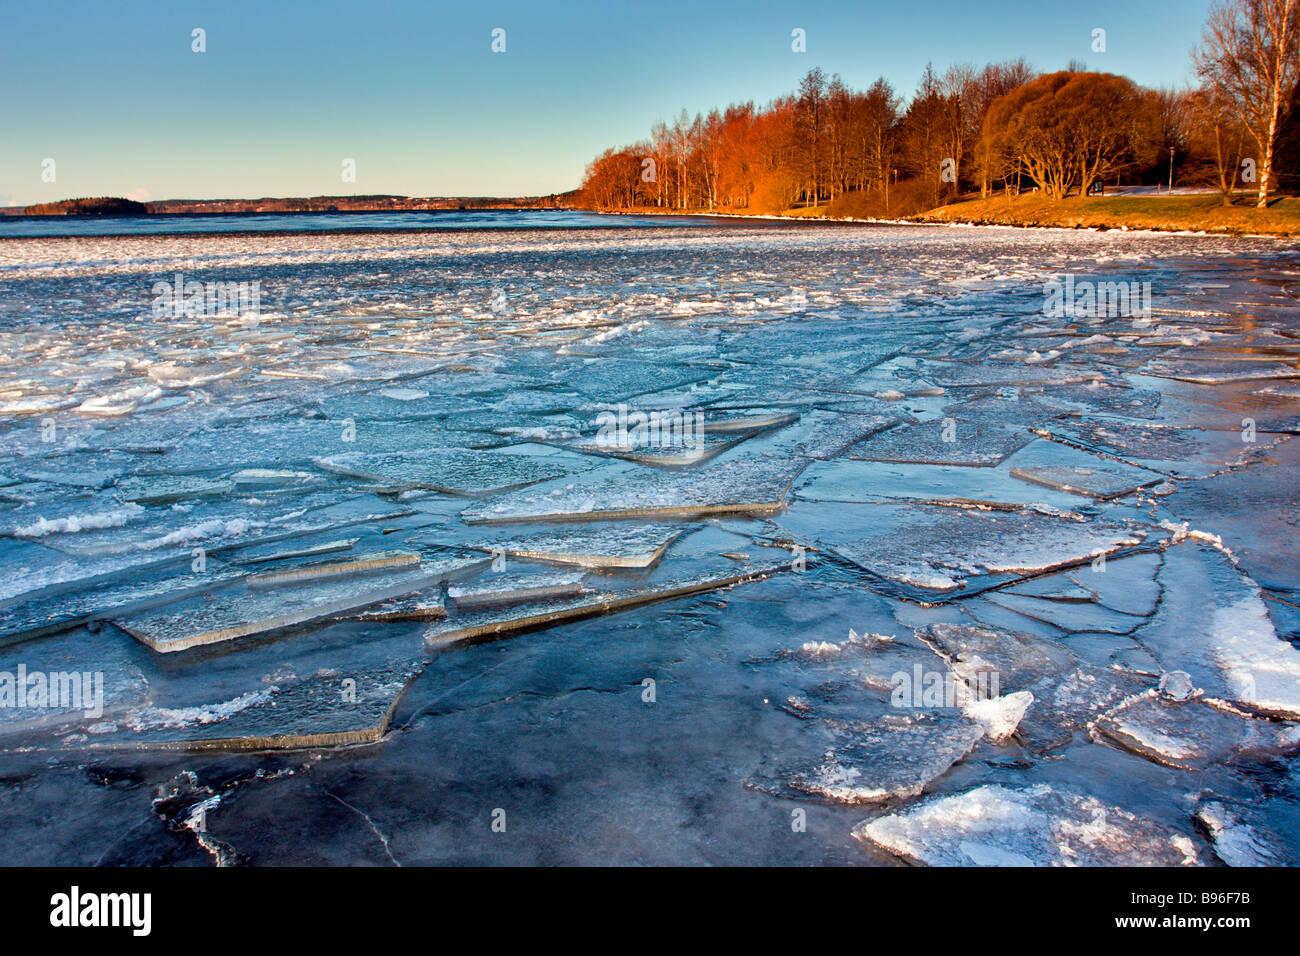 Tampere: Hatanpää Mansion & Arboretum: Pyhäjärvi: Hummock Ice - Stock Image